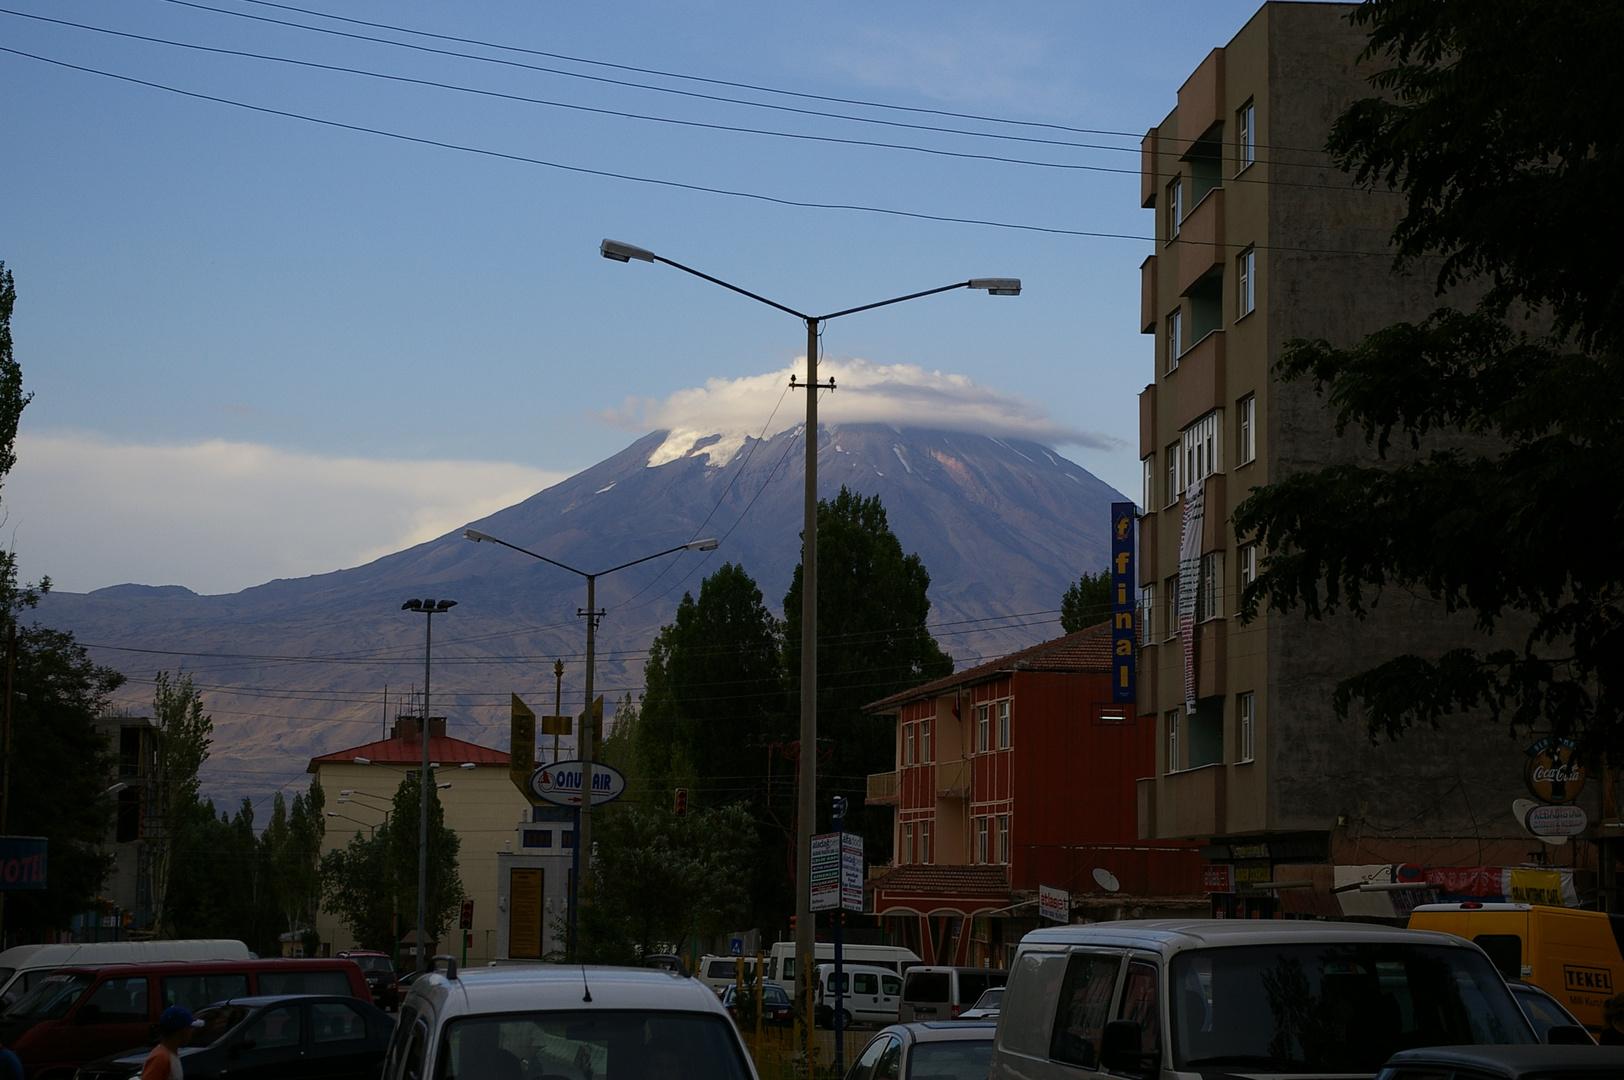 Der Ararat aus der Mitte von Doguyabazit aus - ich will da wieder hin!